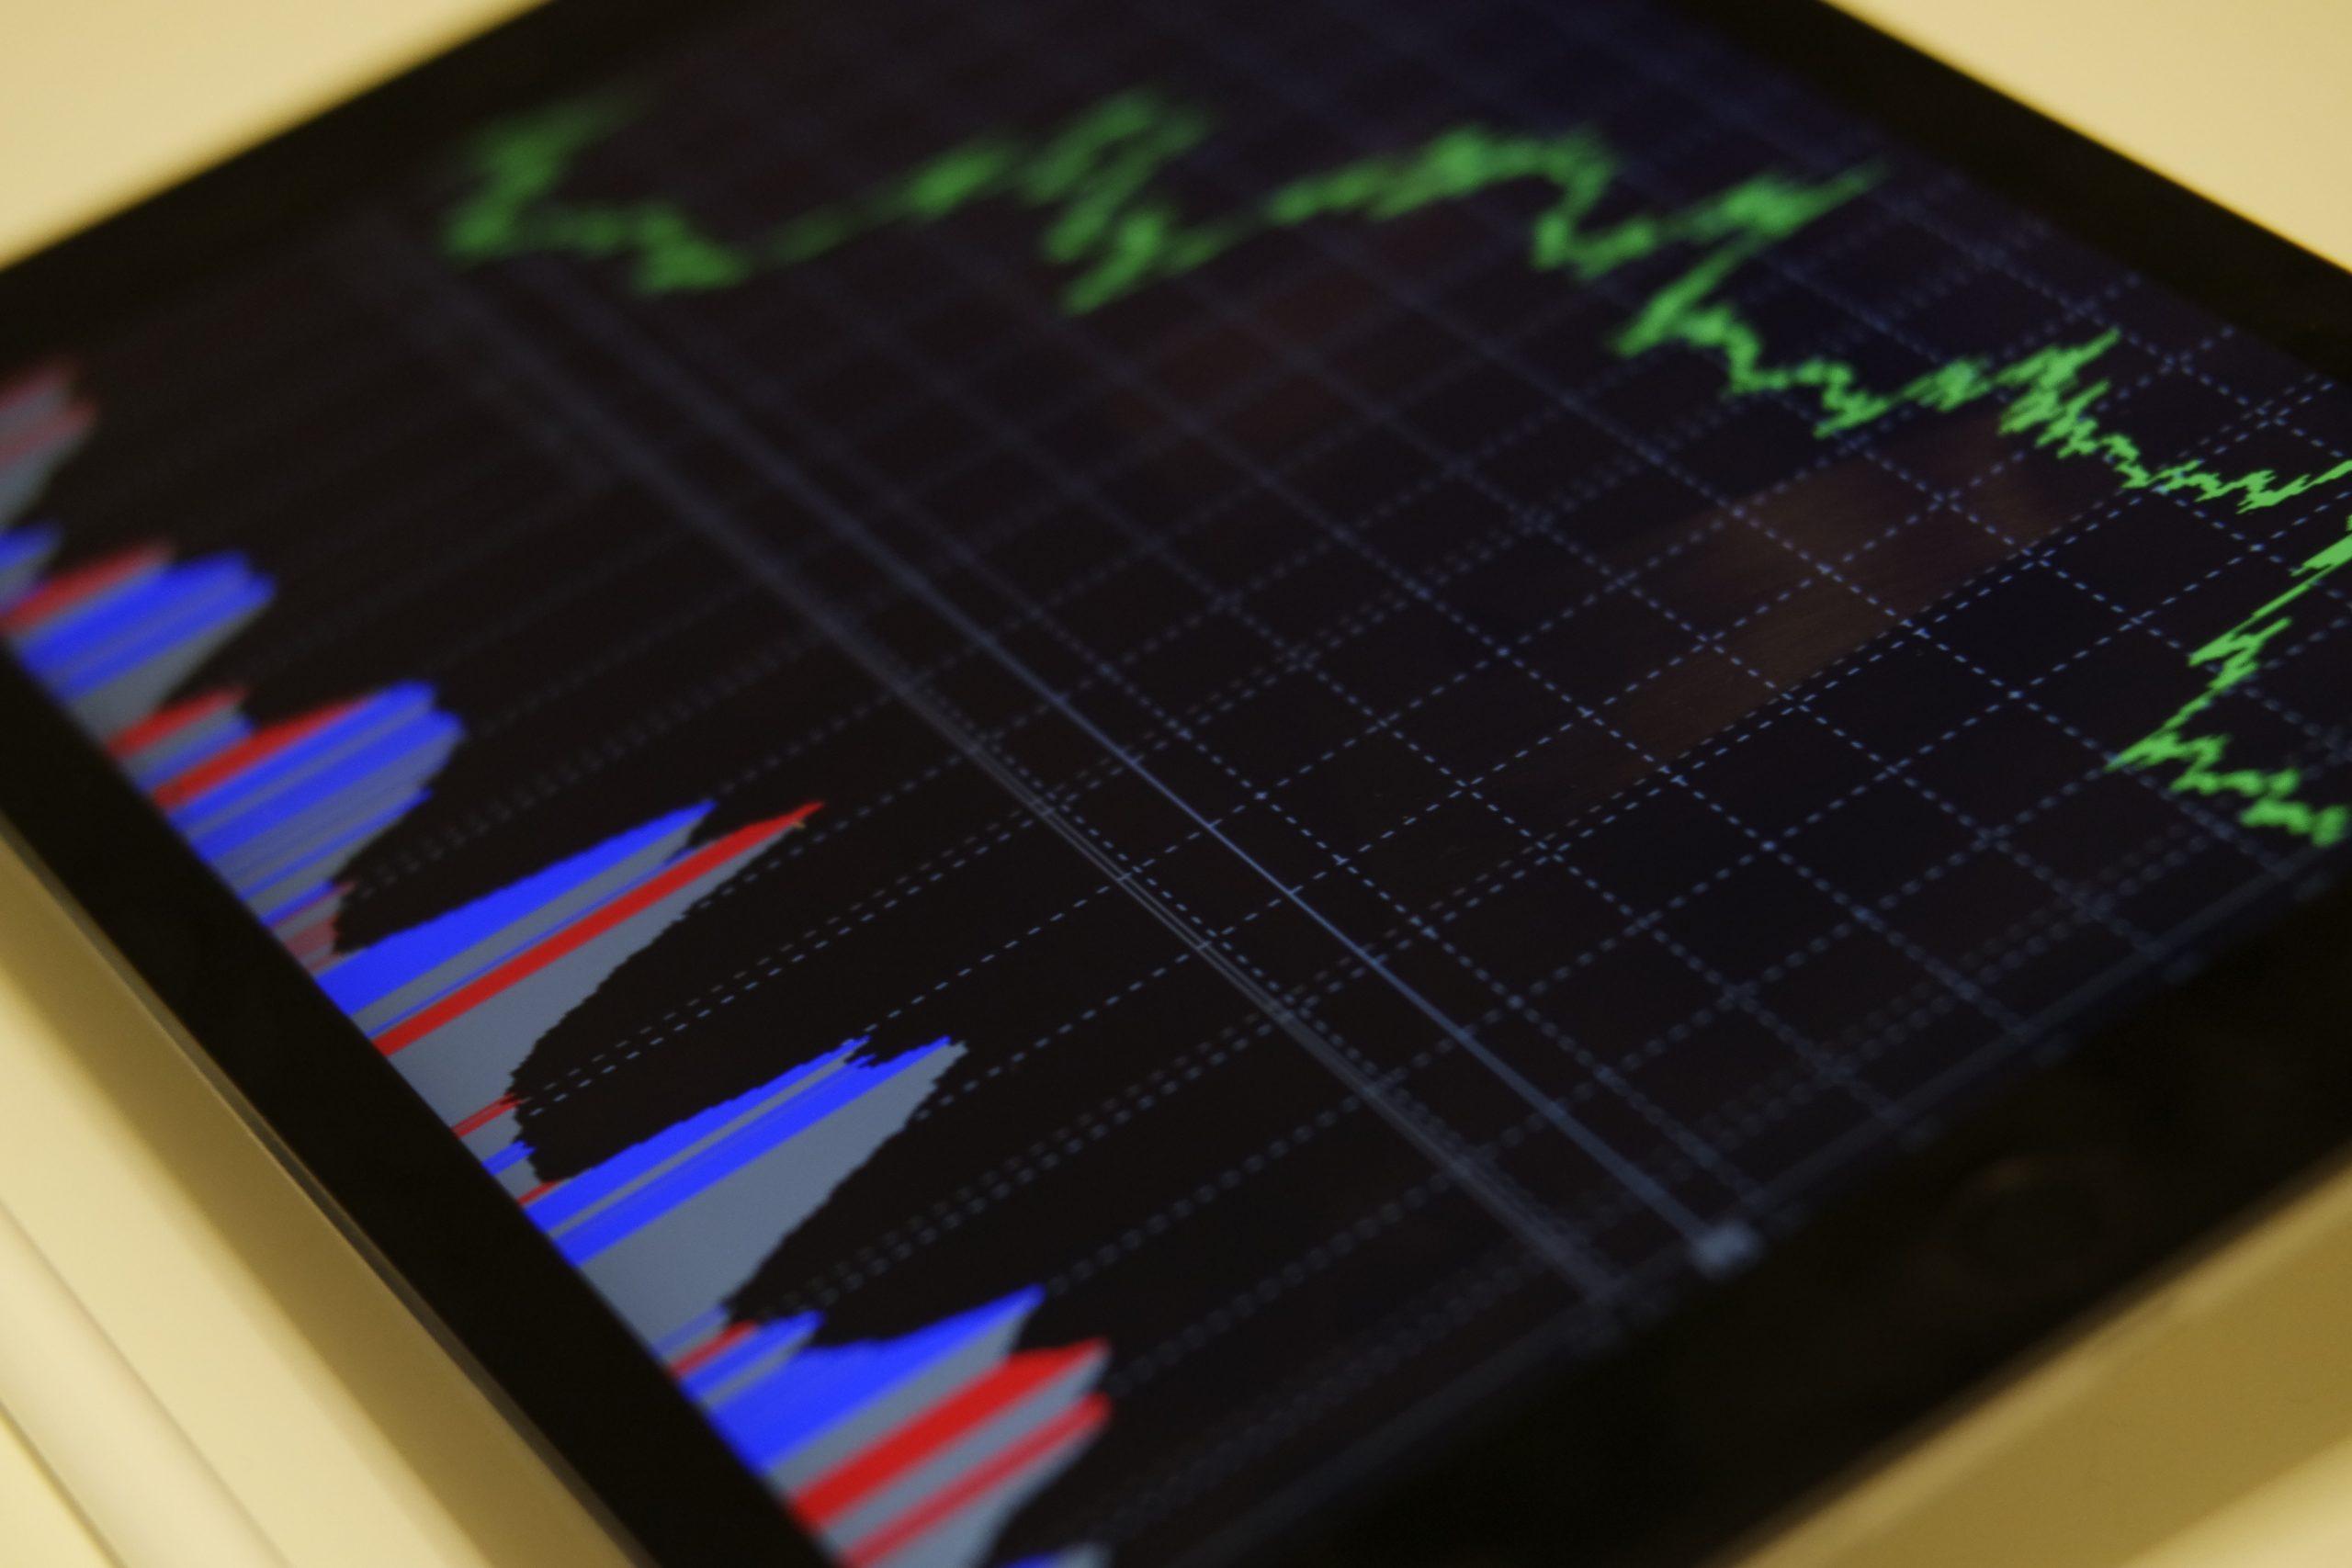 Ichimoku Kinko Hyo Forex Trading Indicator